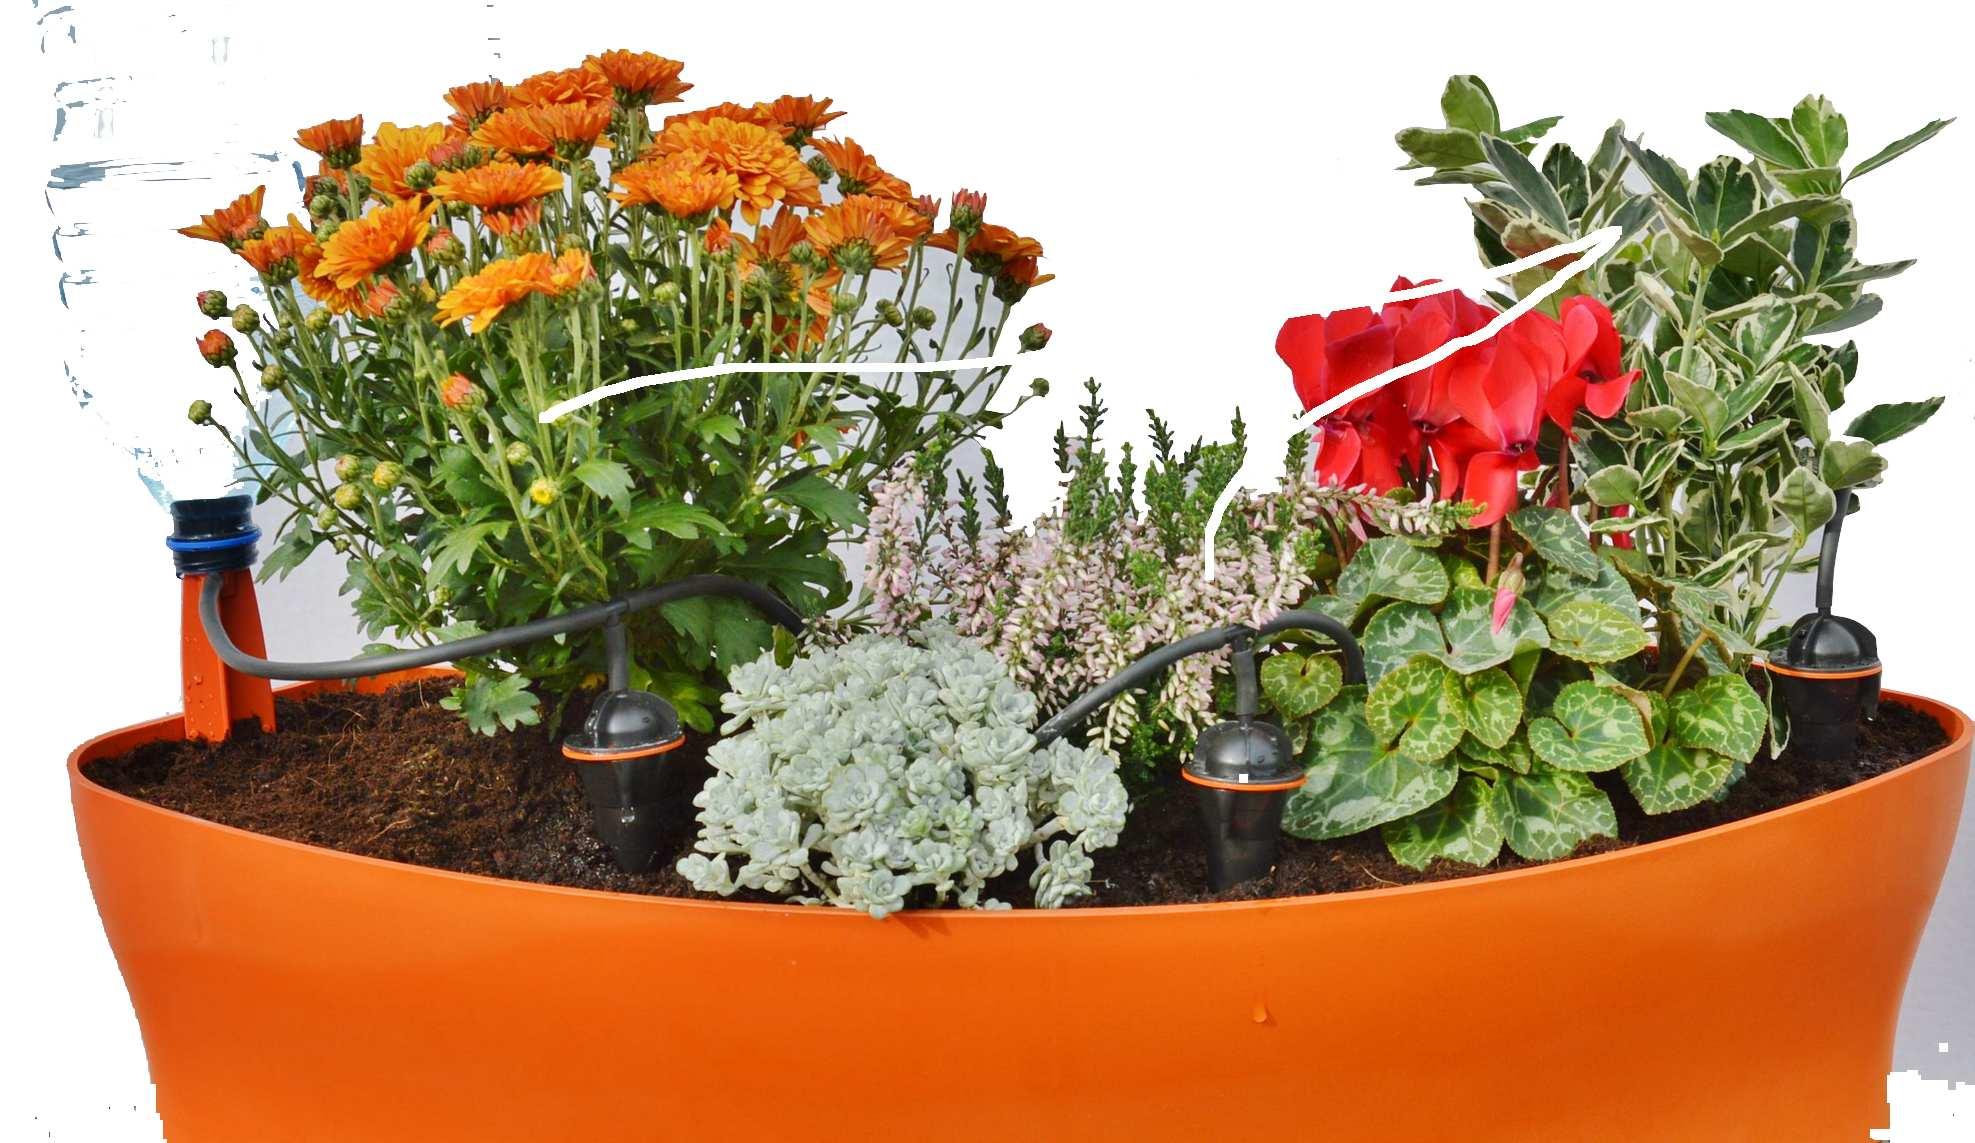 Comment Arroser Jardin Pendant Vacances comment arroser ses plantes pendant les vacances? | iriso